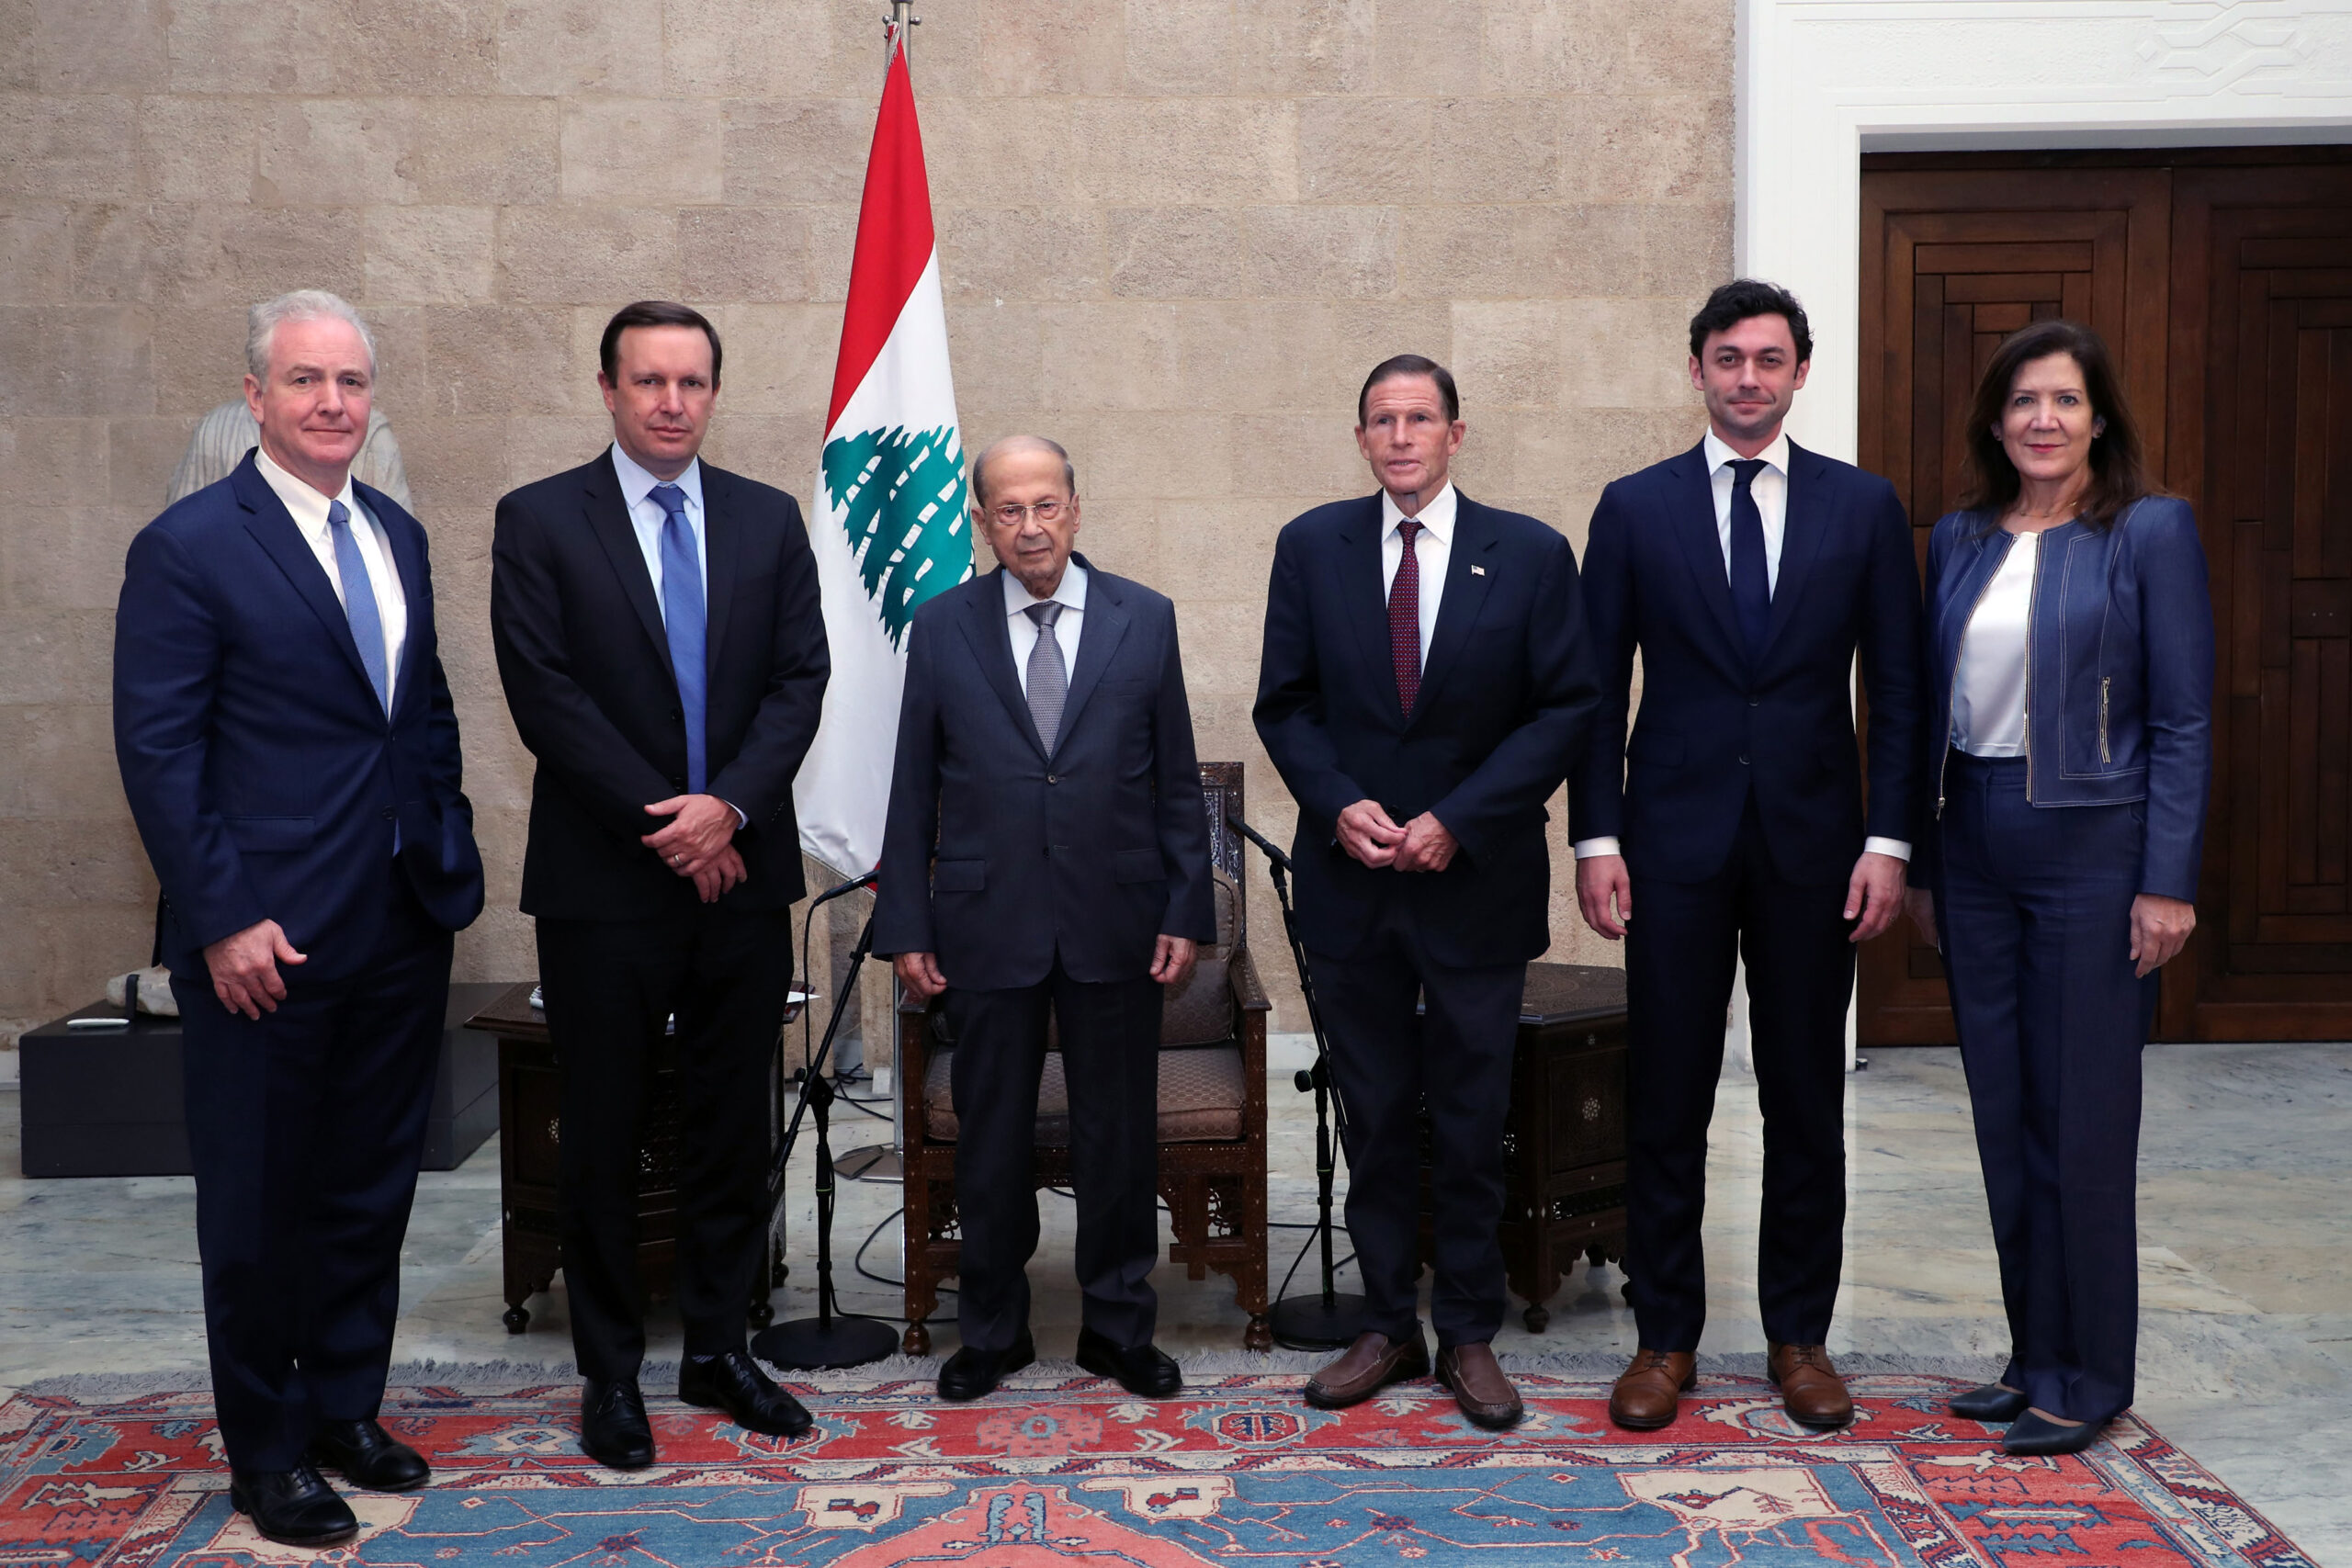 السيناتور الأميركي كريس مورفي يترأس وفدًا من مجلس الشيوخ في زيارة إلى لبنان